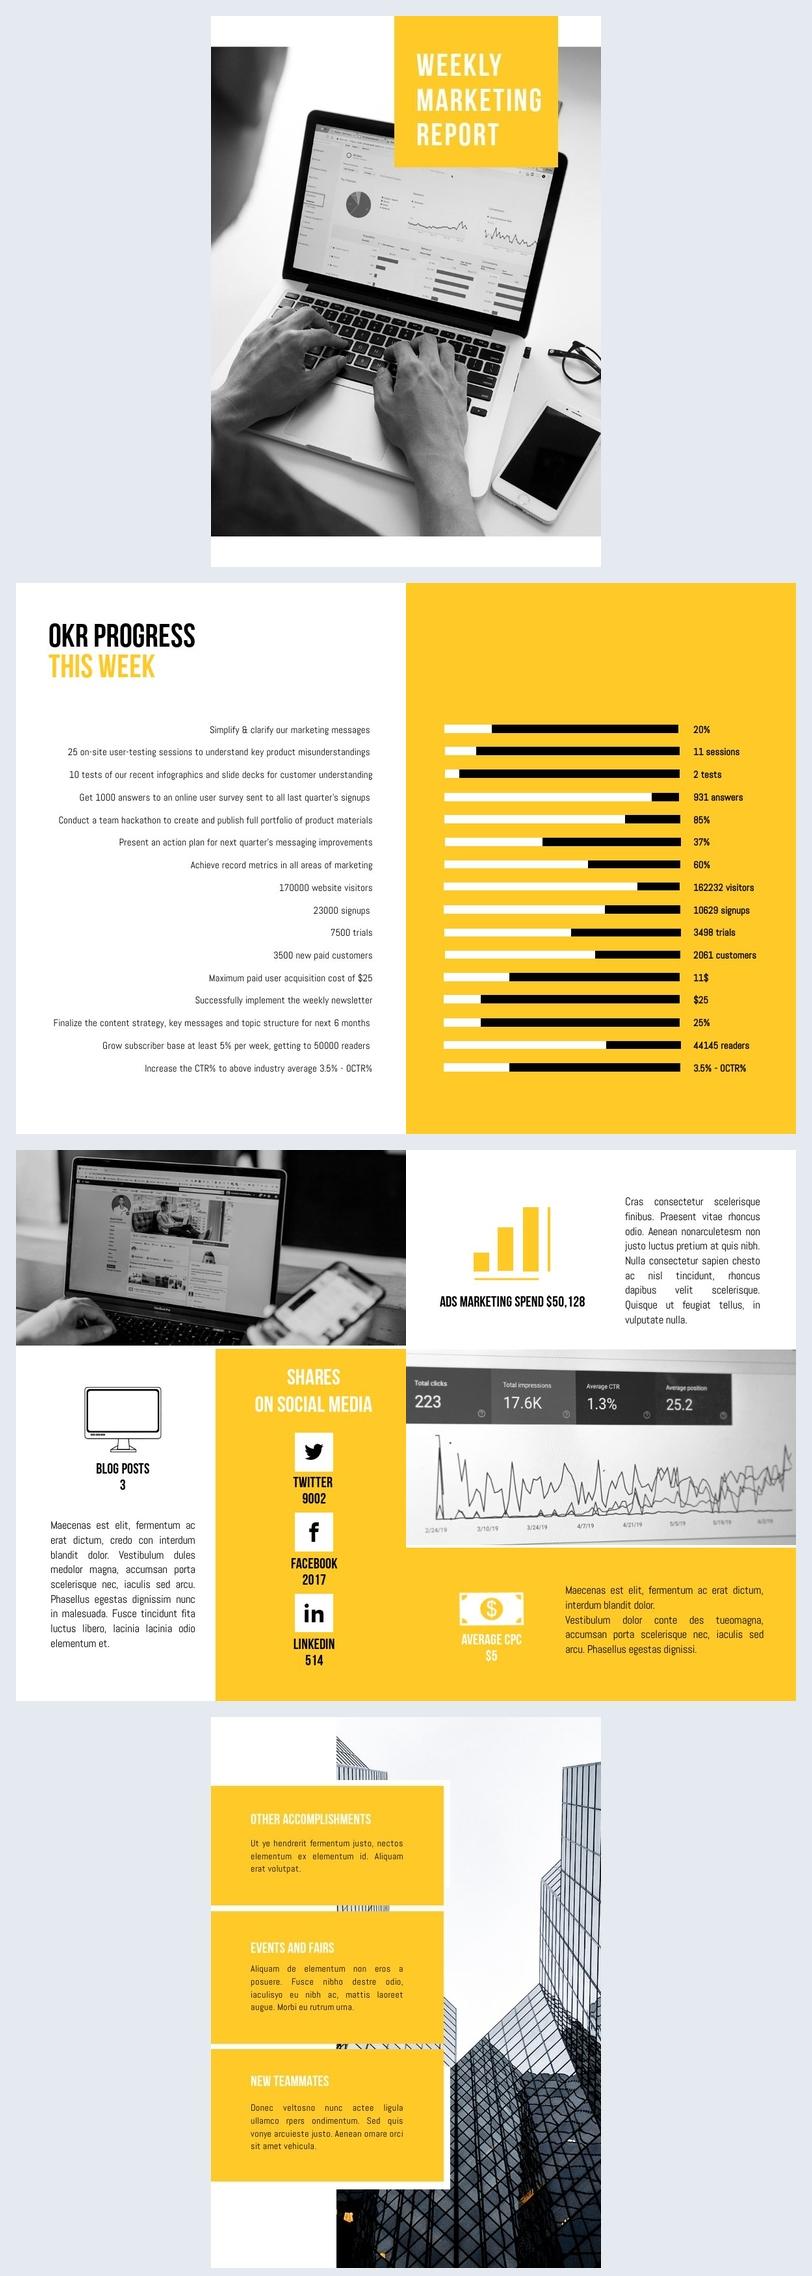 Modello per report settimanale di marketing